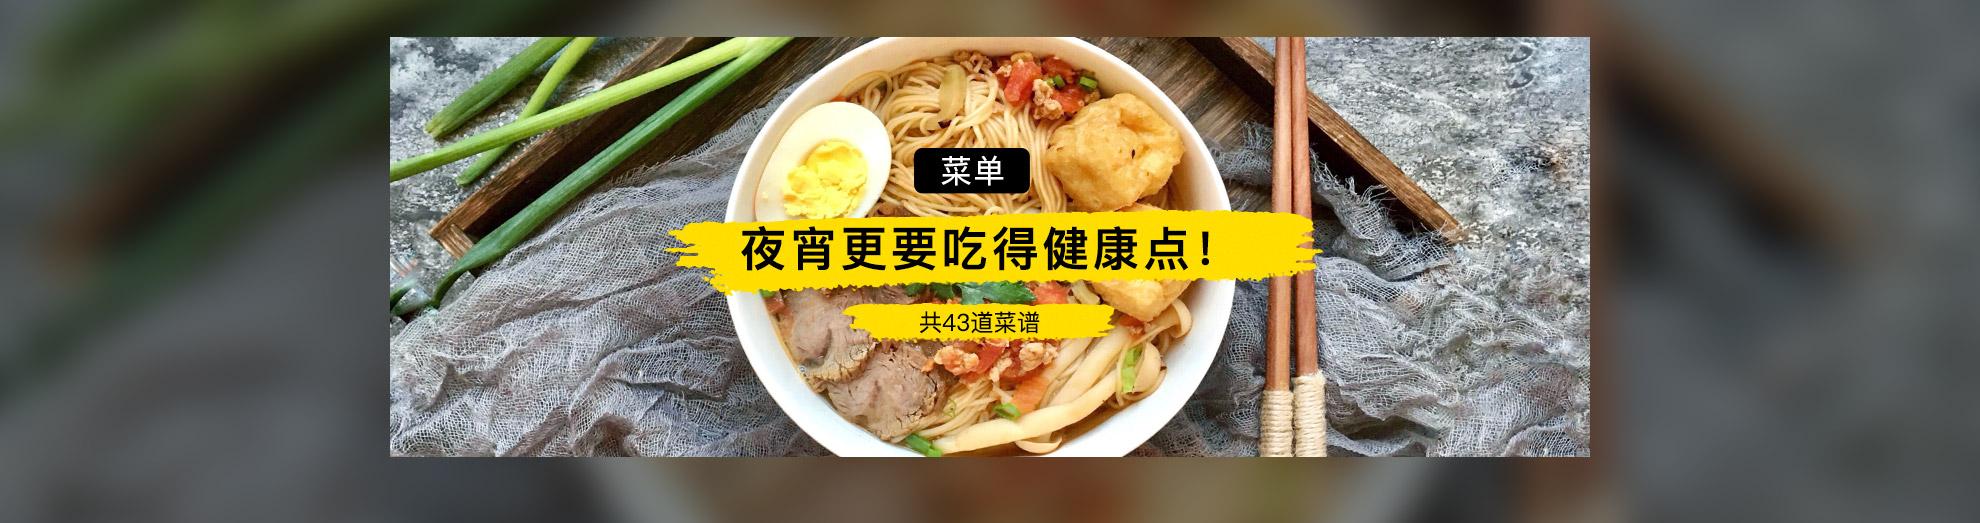 夜宵更要吃得健康点!}